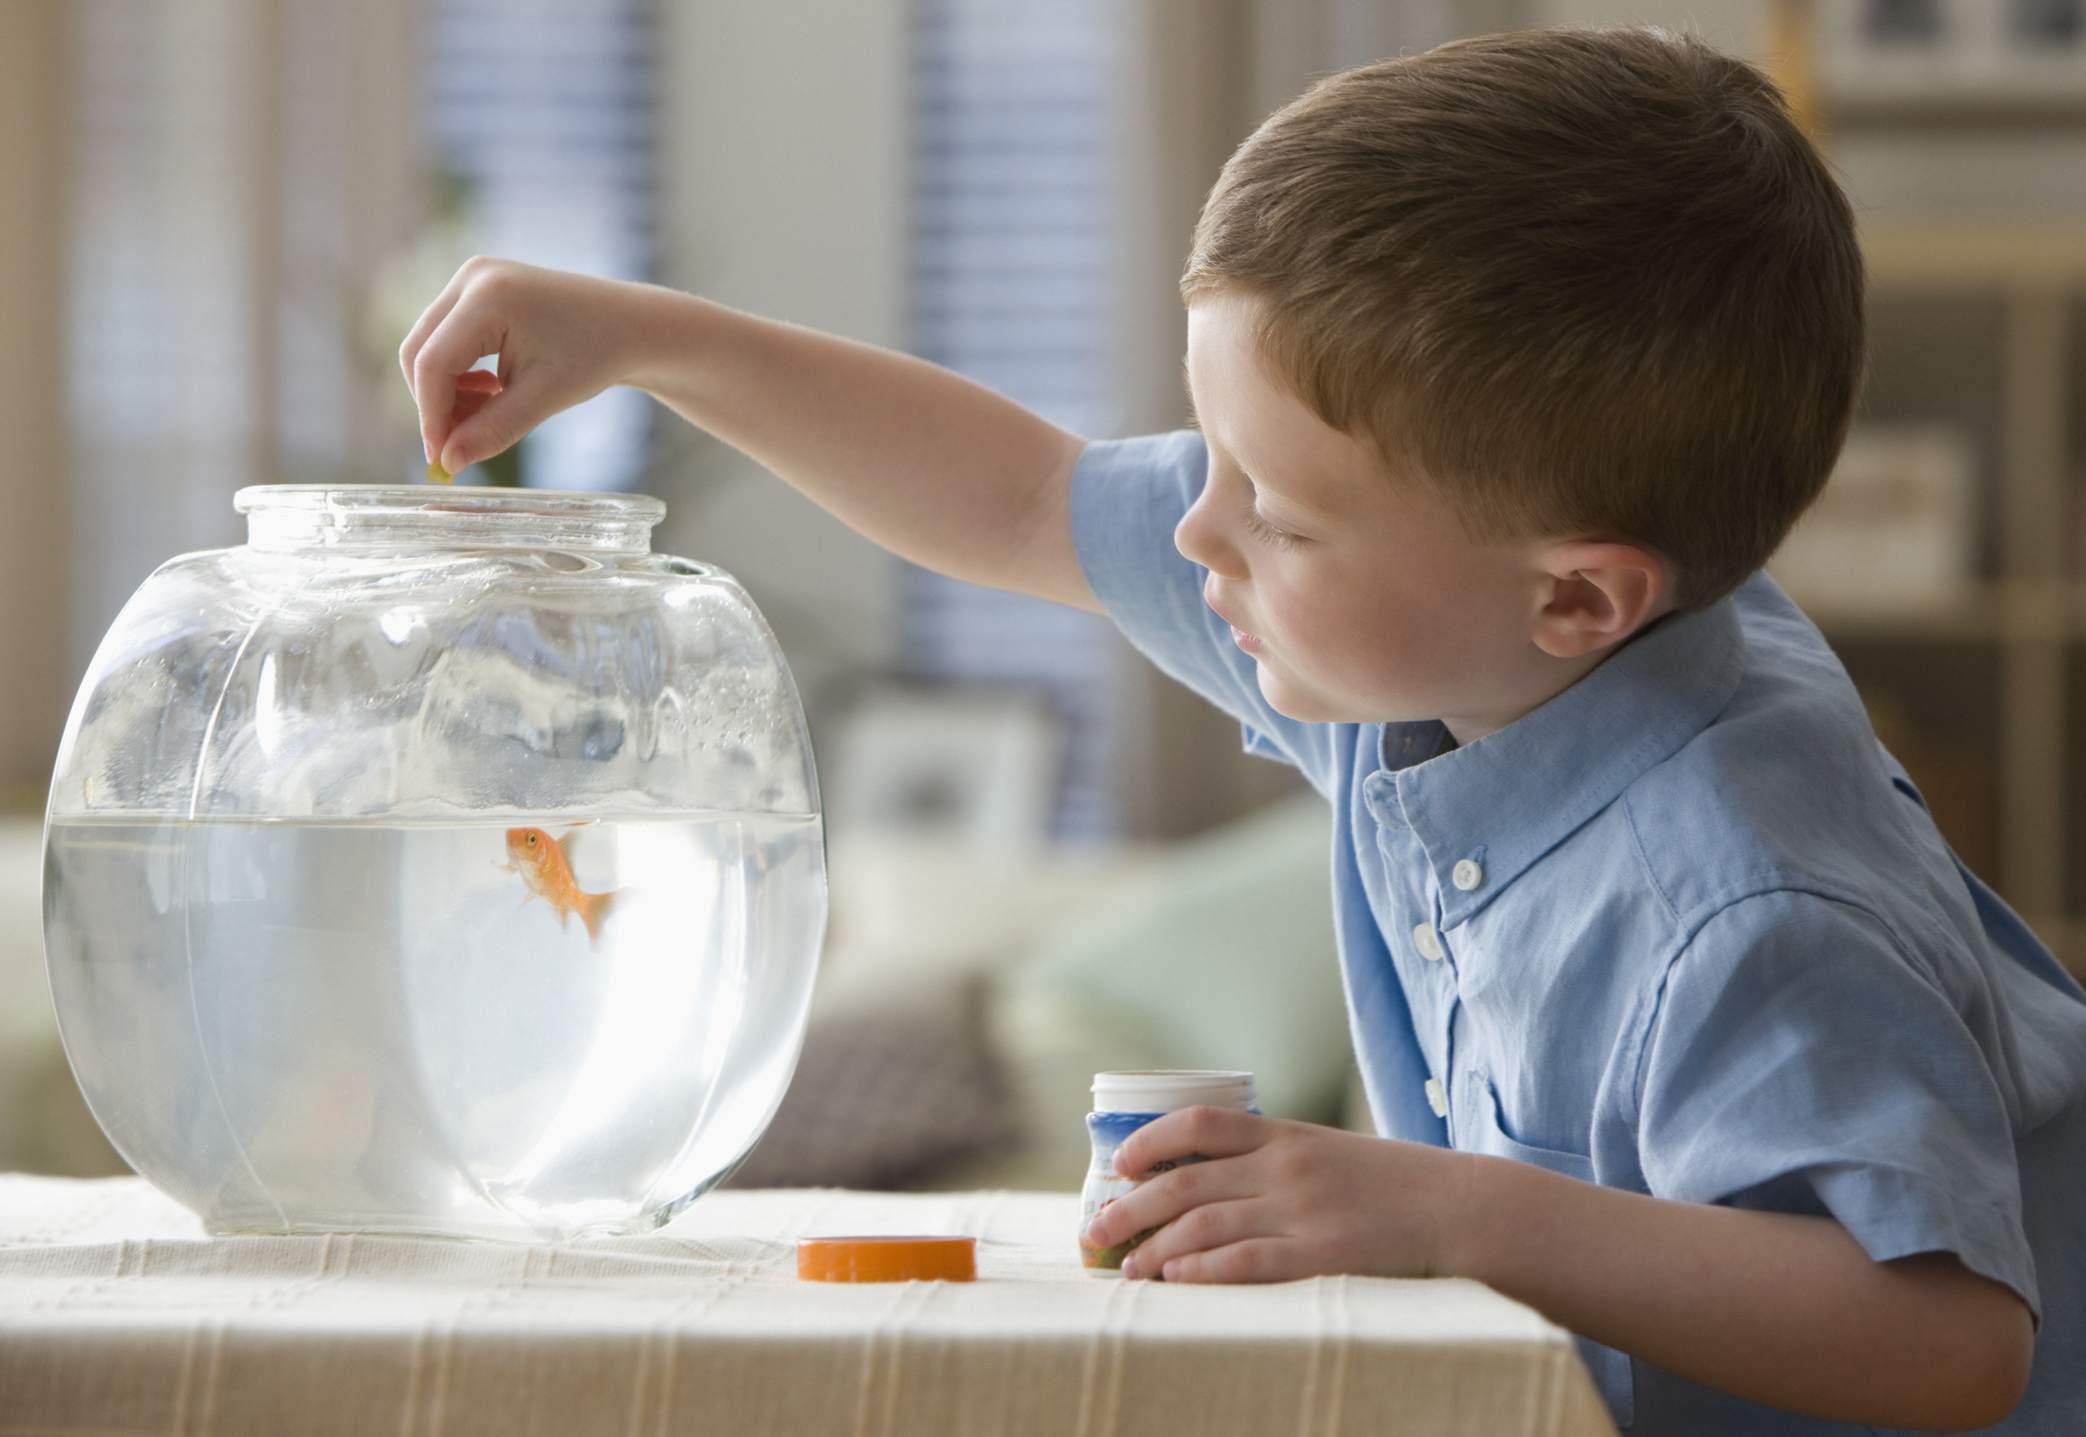 Boy Feeding Fish in Fish Bowl